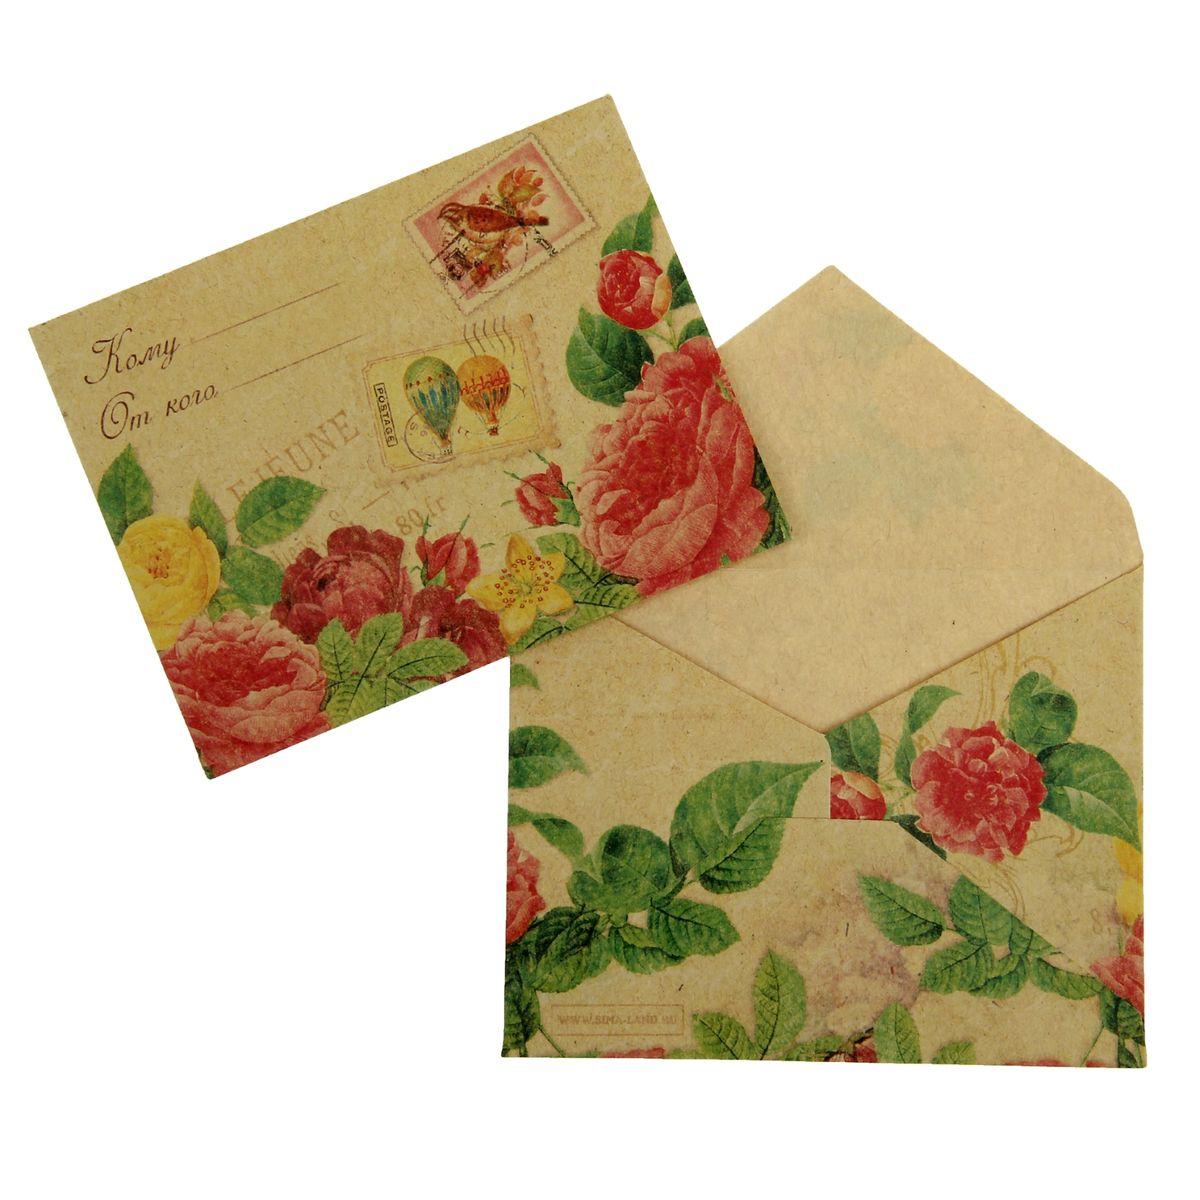 Конверт подарочный Цветы09840-20.000.00Конверт Цветы, изготовленный из бумаги, украшен принтом с изображением цветов и марок. В верхнем левом углу есть две строчки, в которые можно вписать: от кого и кому адресуется данный конверт. Такой конверт станет отличным помощником в оформлении подарка близкому человеку.